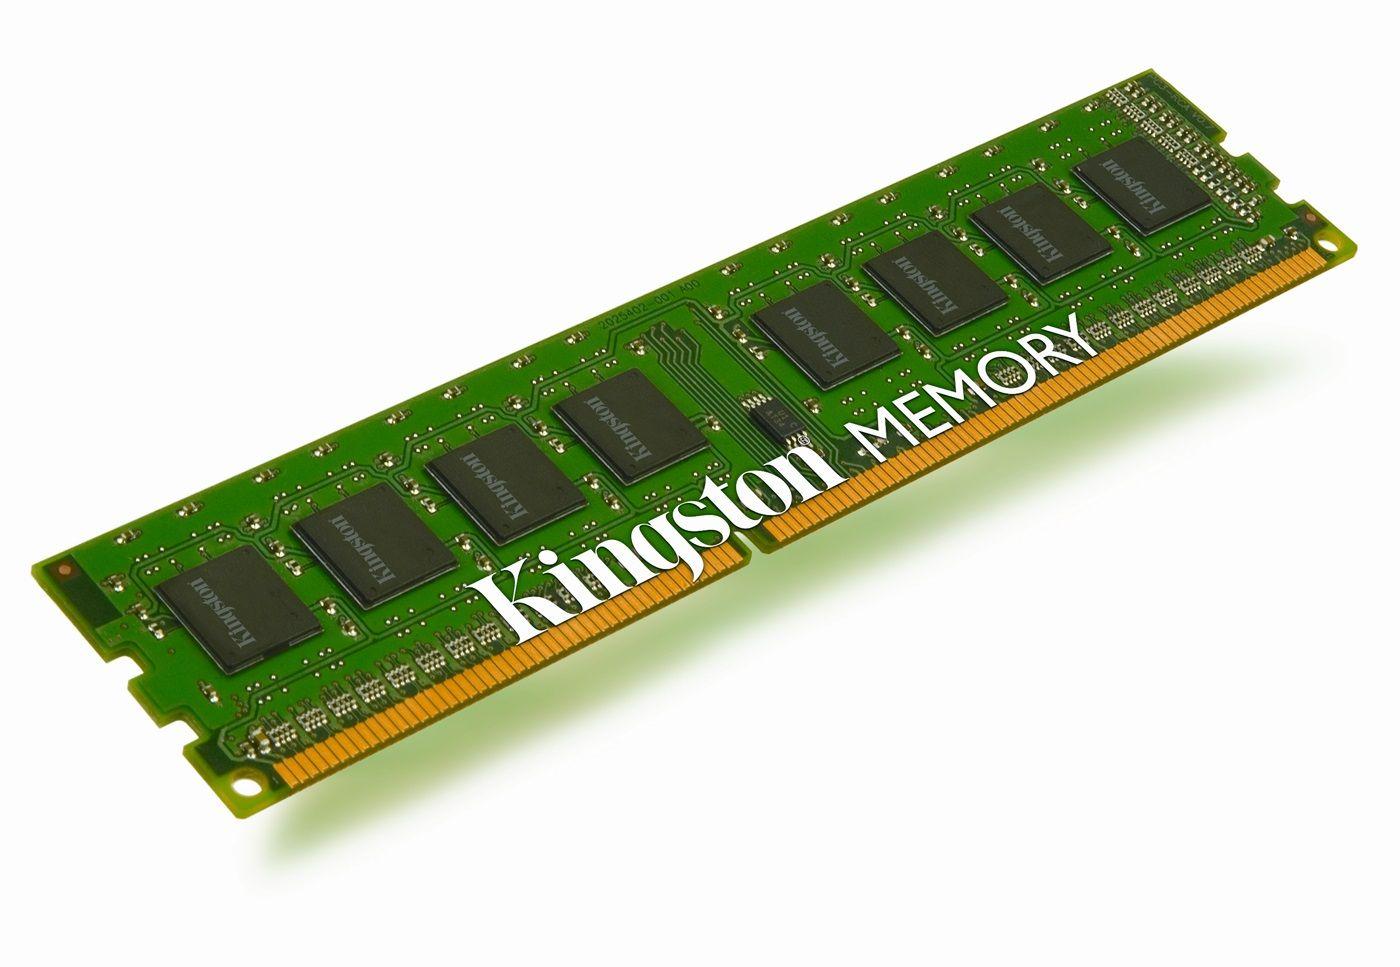 Kingston ValueRAM KVR1333D3N9/1G